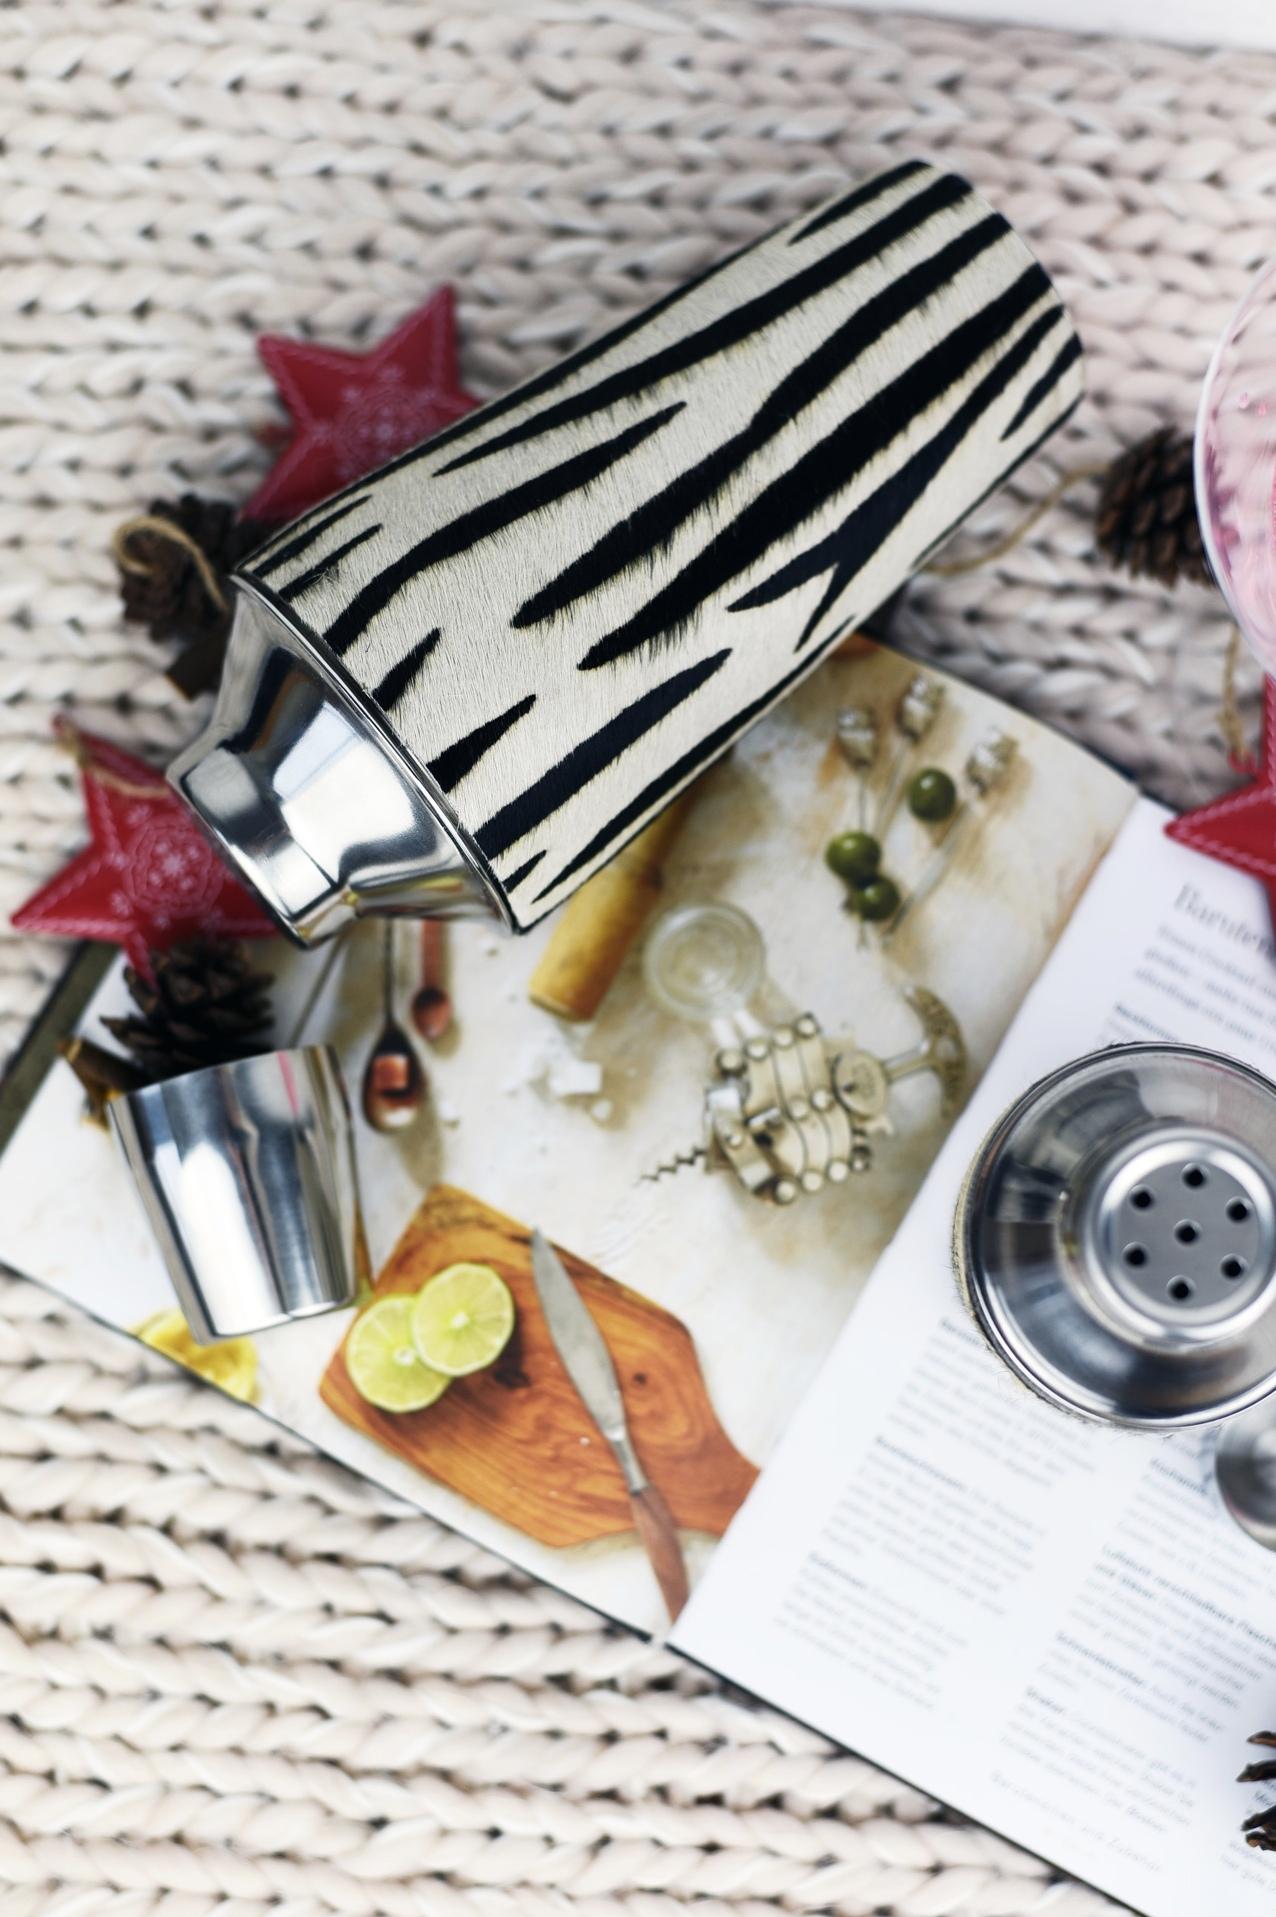 aussergewoehnliche-weihnachtsgeschenke-fuer-die-beste-freundin-frau-christmas-gift-for-the-best-friend-fashiioncarpet